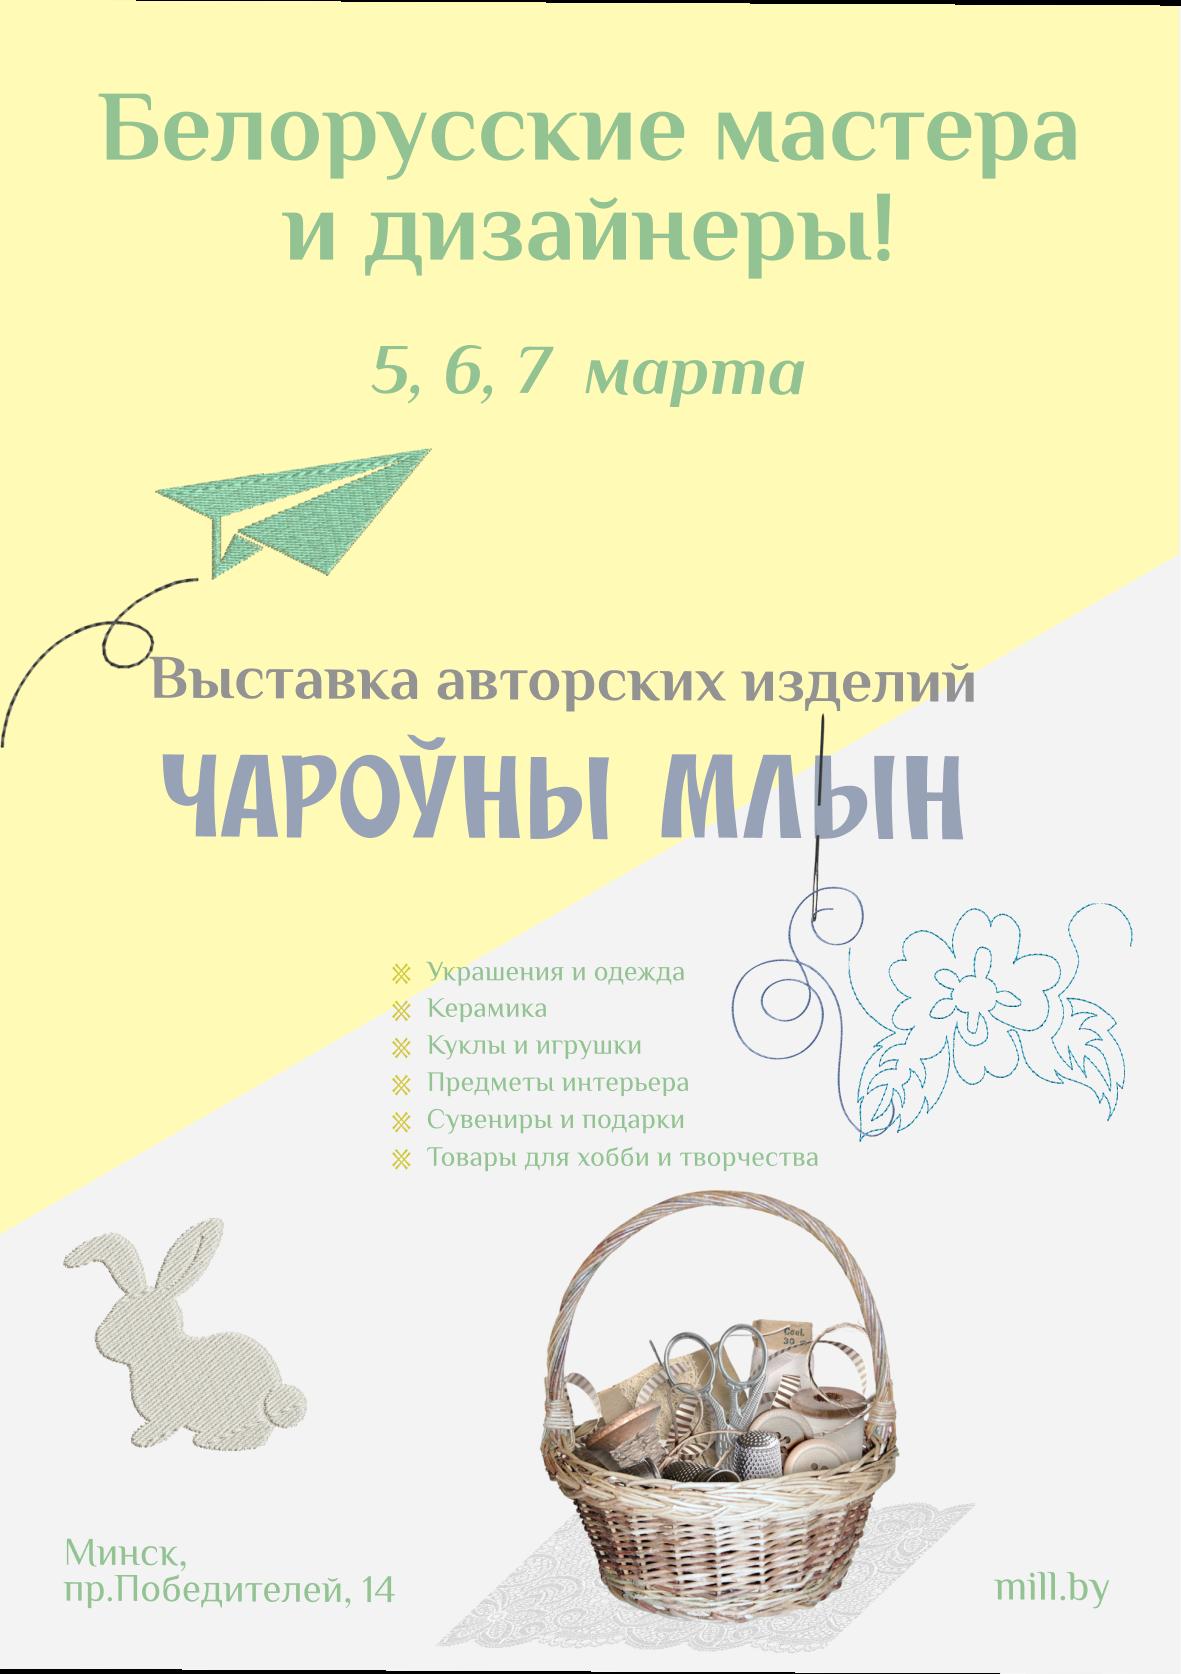 Дизайн-макет афиши выставки ручной работы фото f_40360056f430783a.png